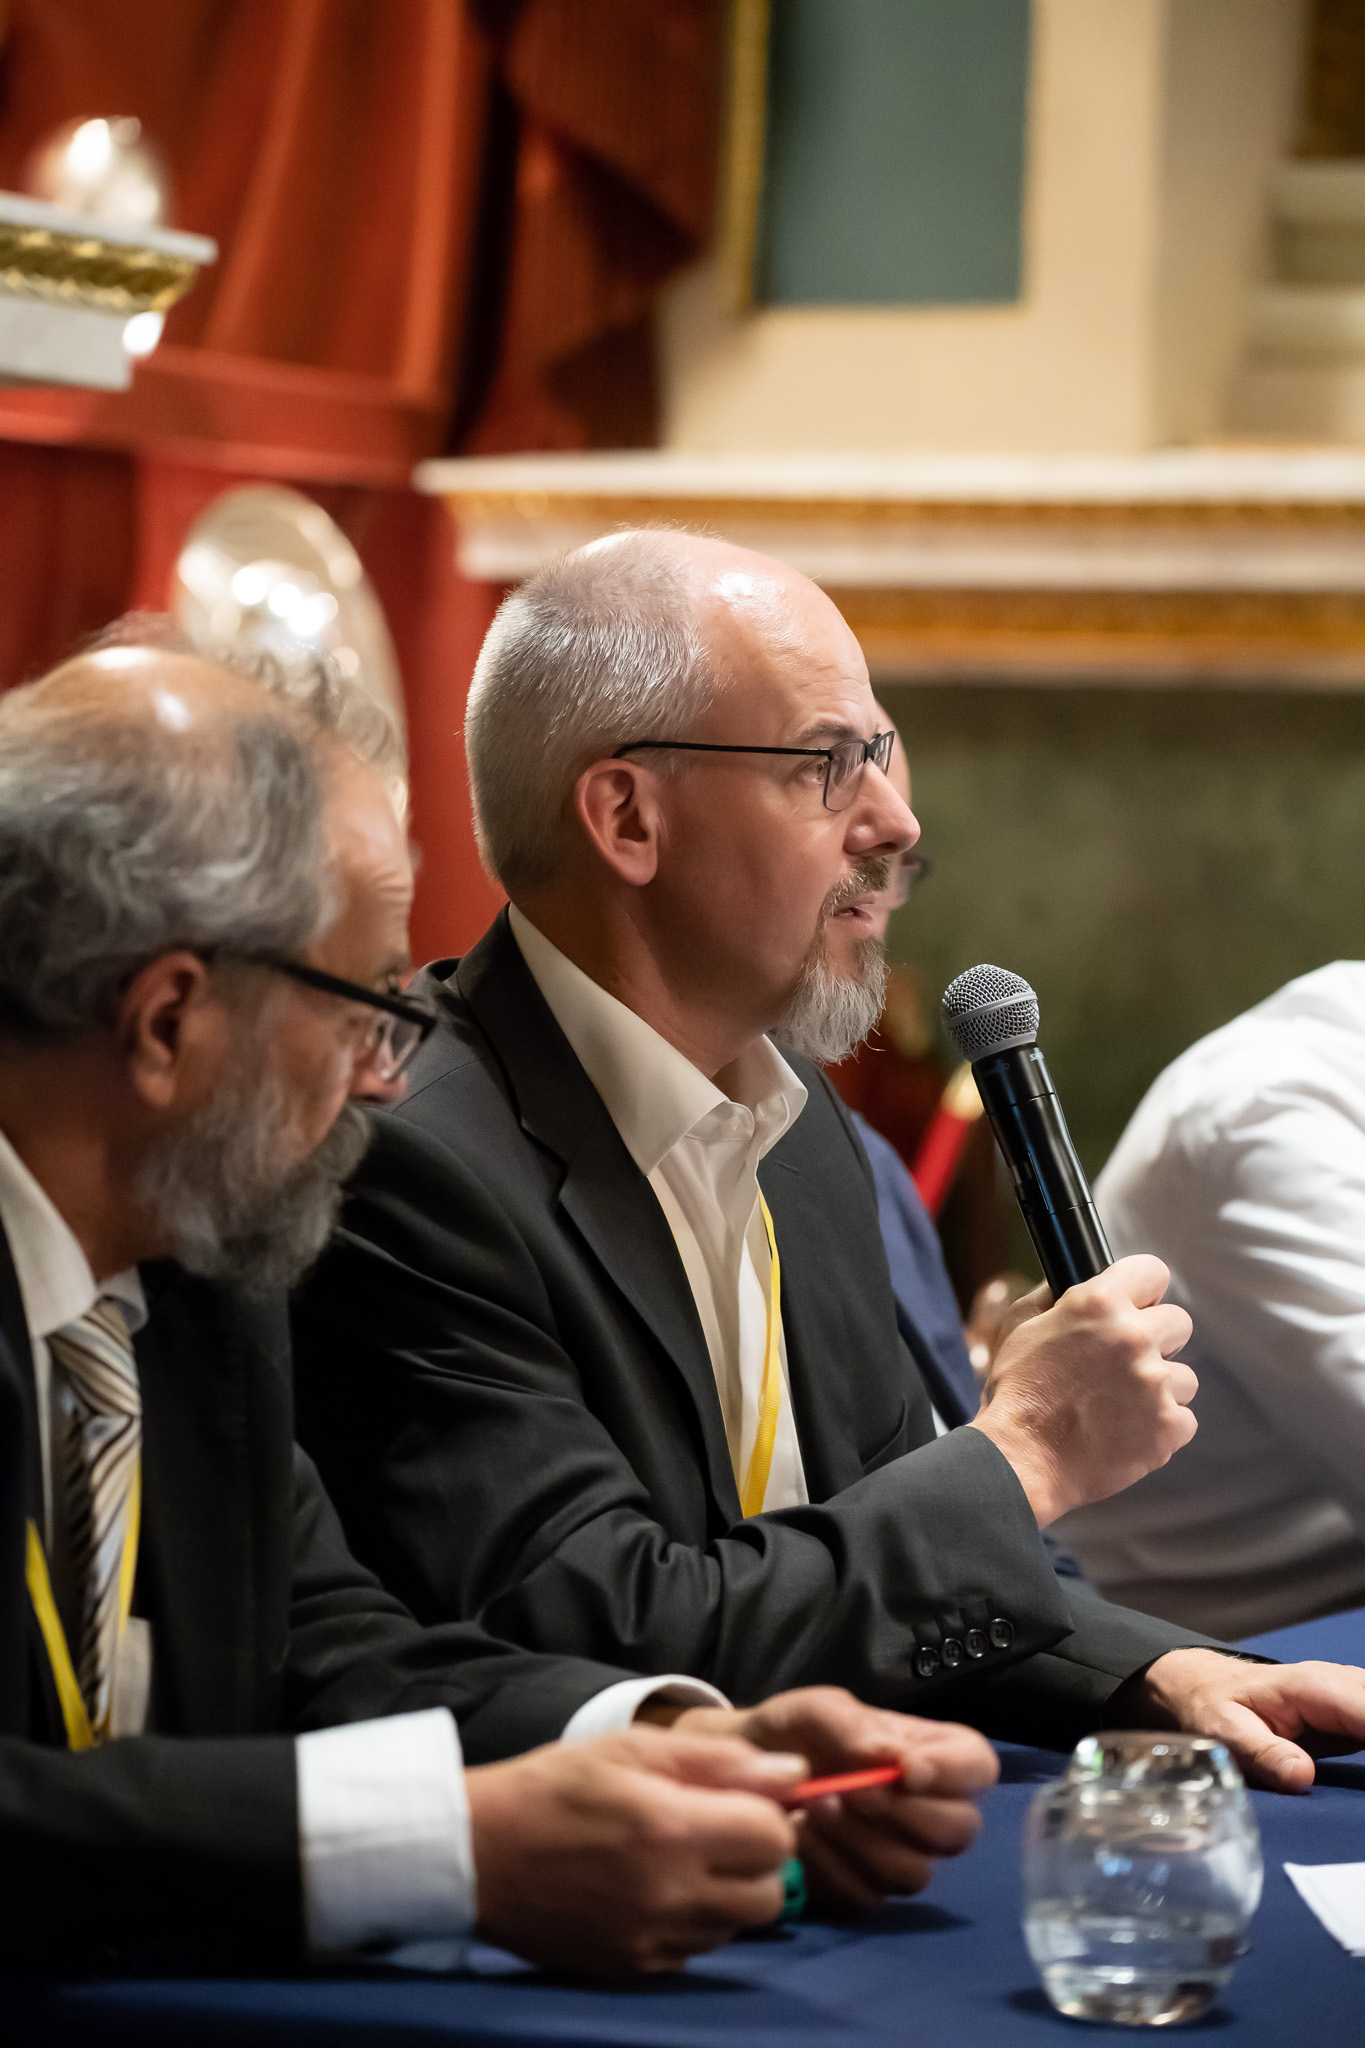 Dr Ulrich Klotz